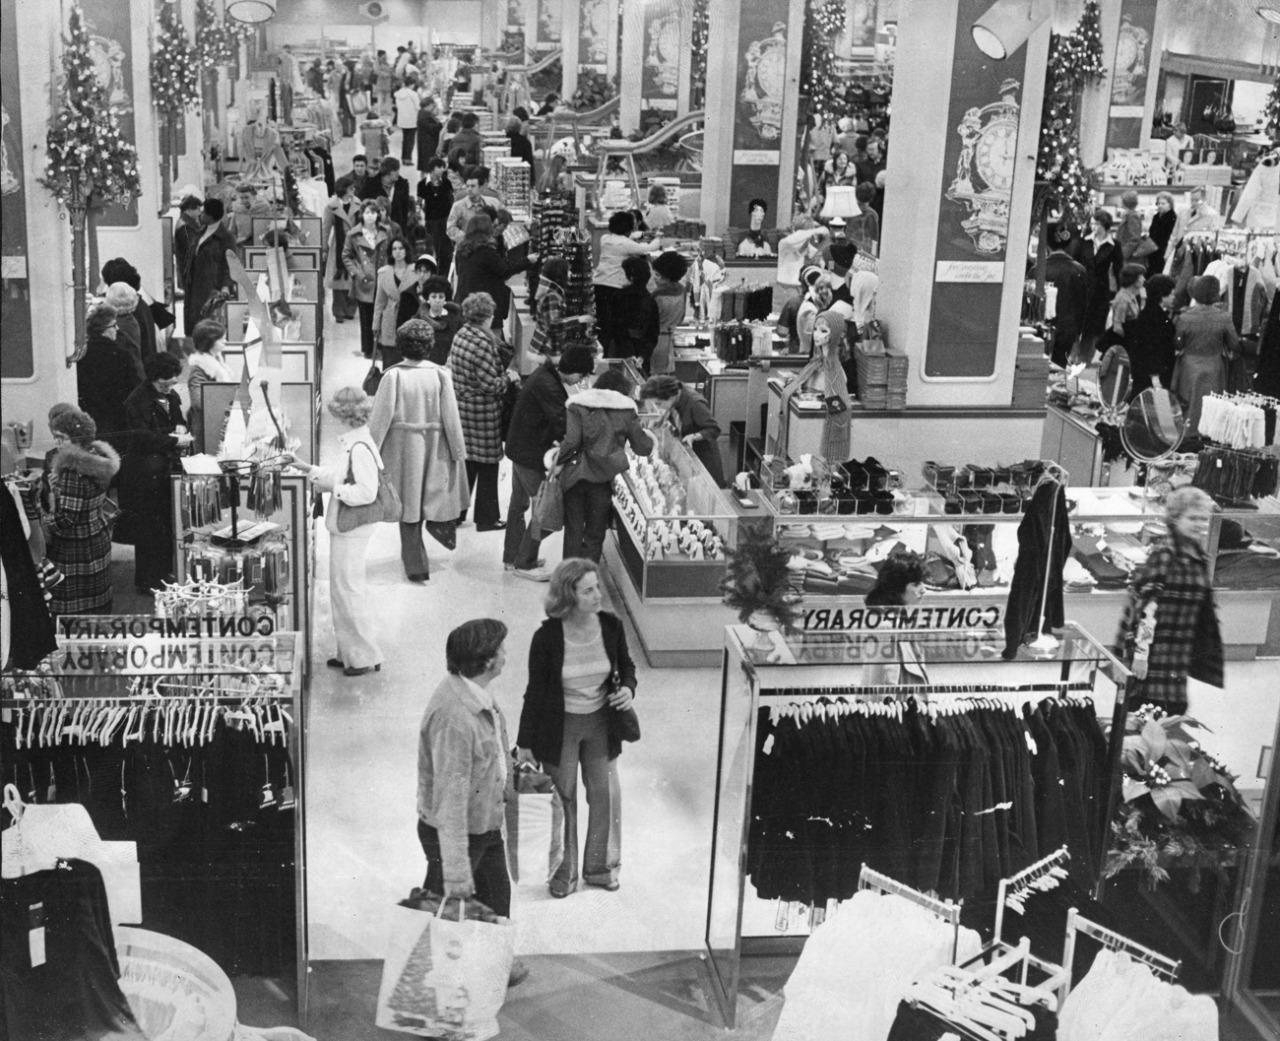 Sunday Christmas shoppers at Kaufmann's